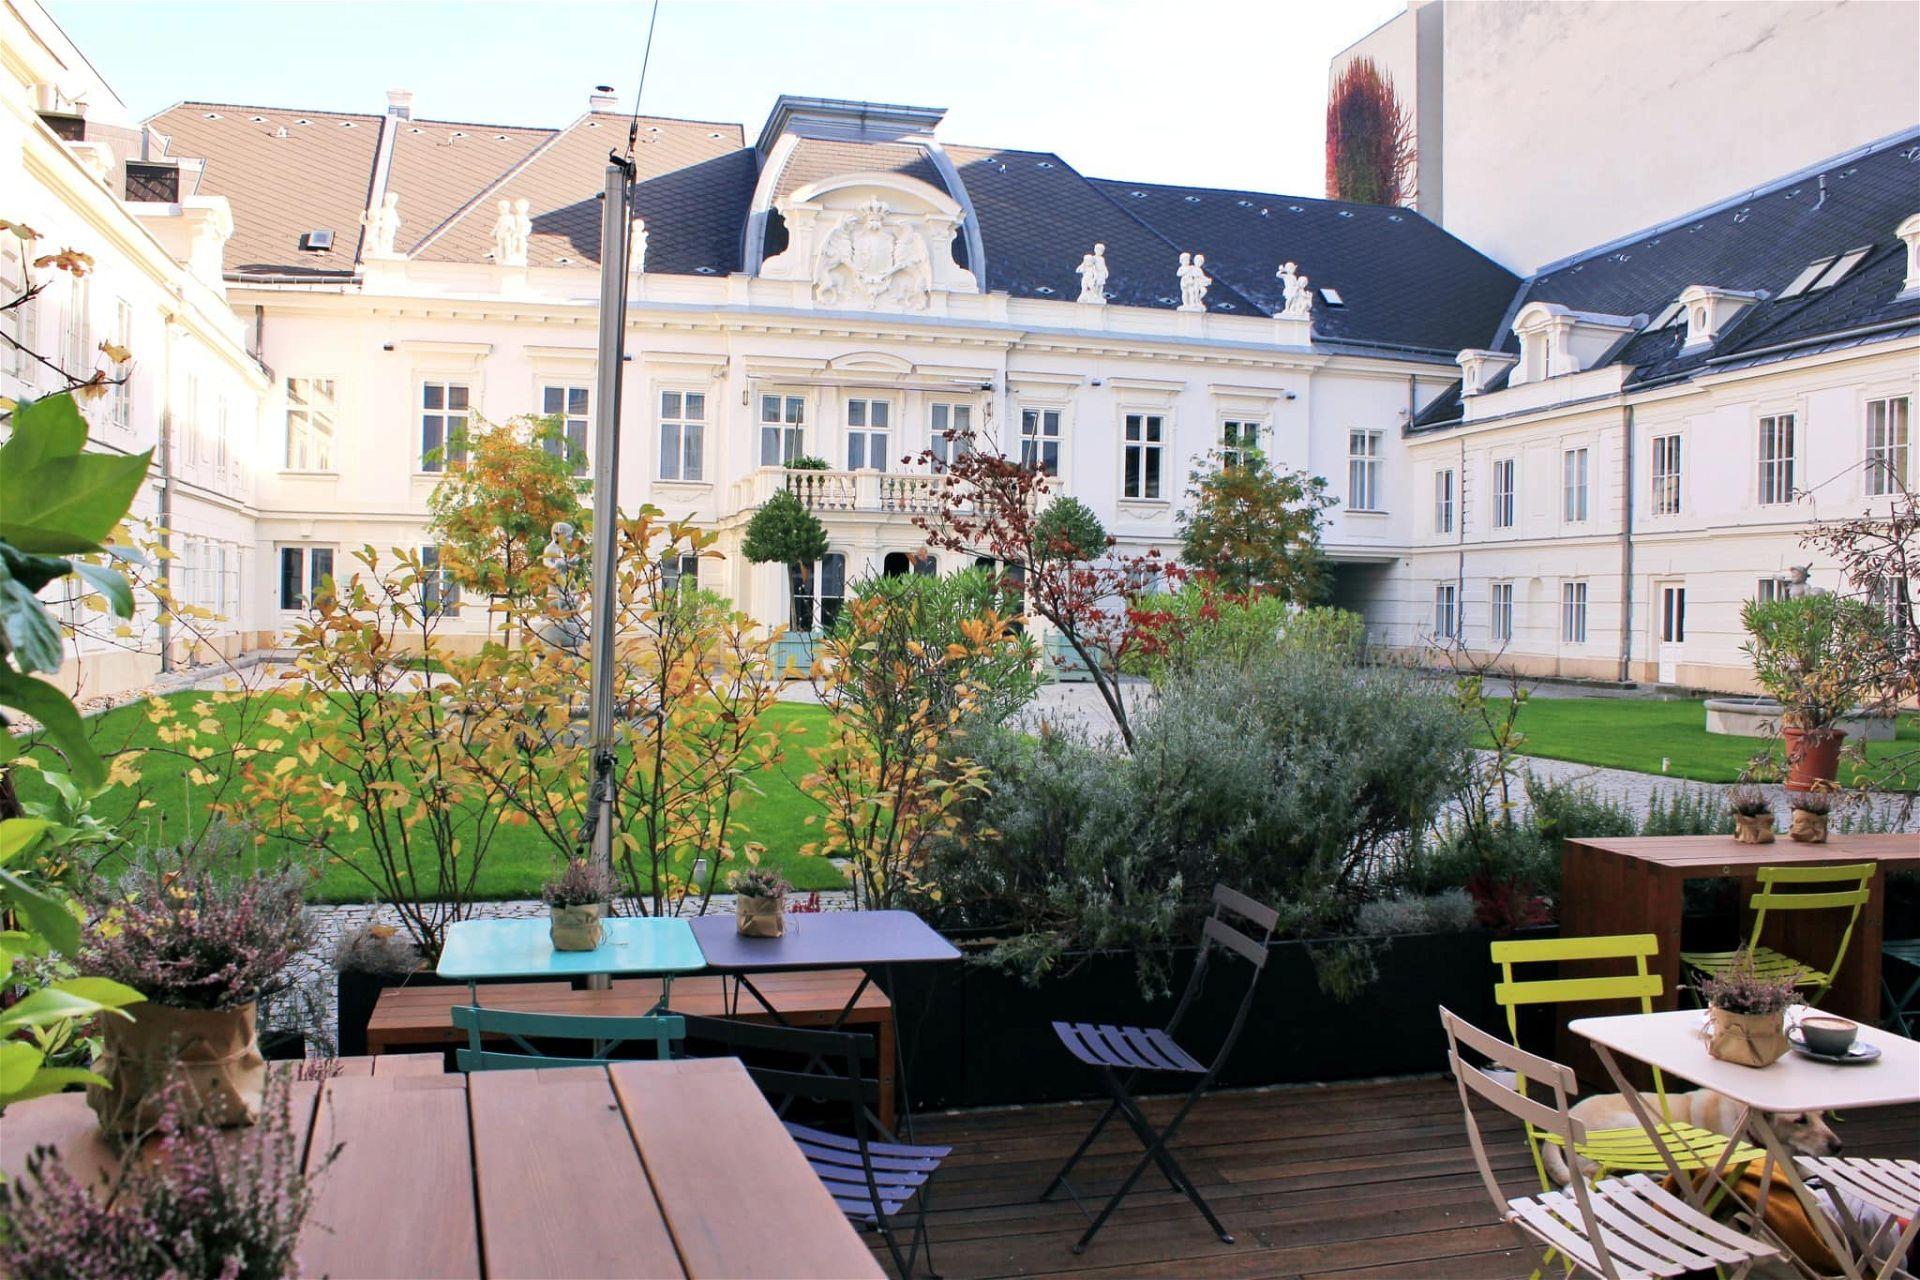 Gastgarten Carl Ludwig Café